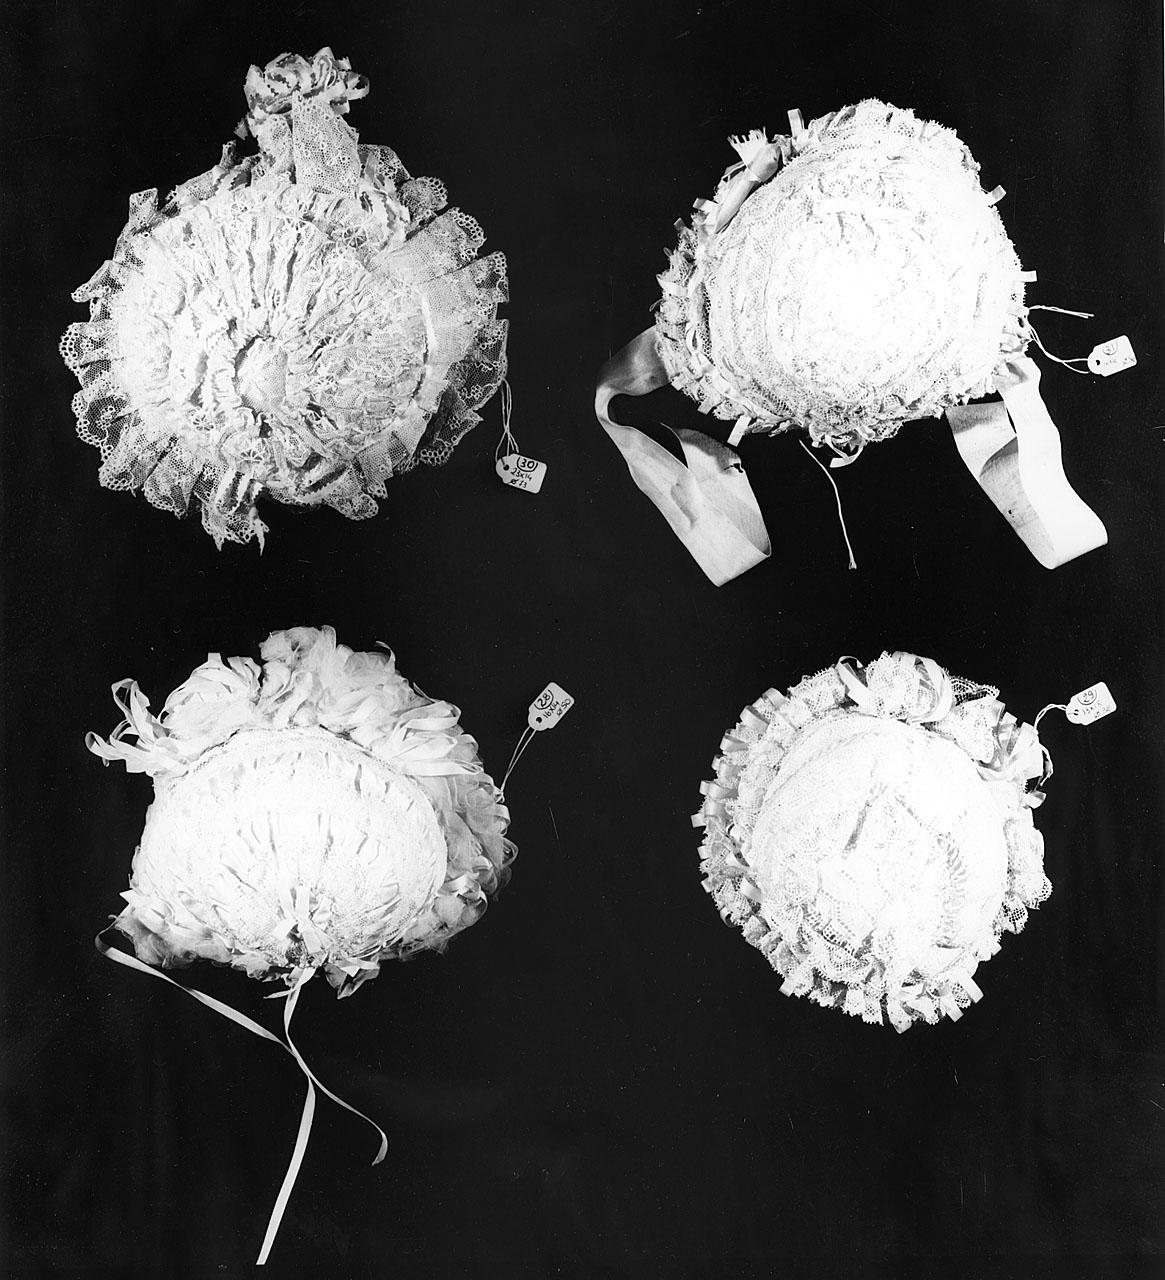 cuffia da neonato - manifattura italiana (ultimo quarto sec. XIX)